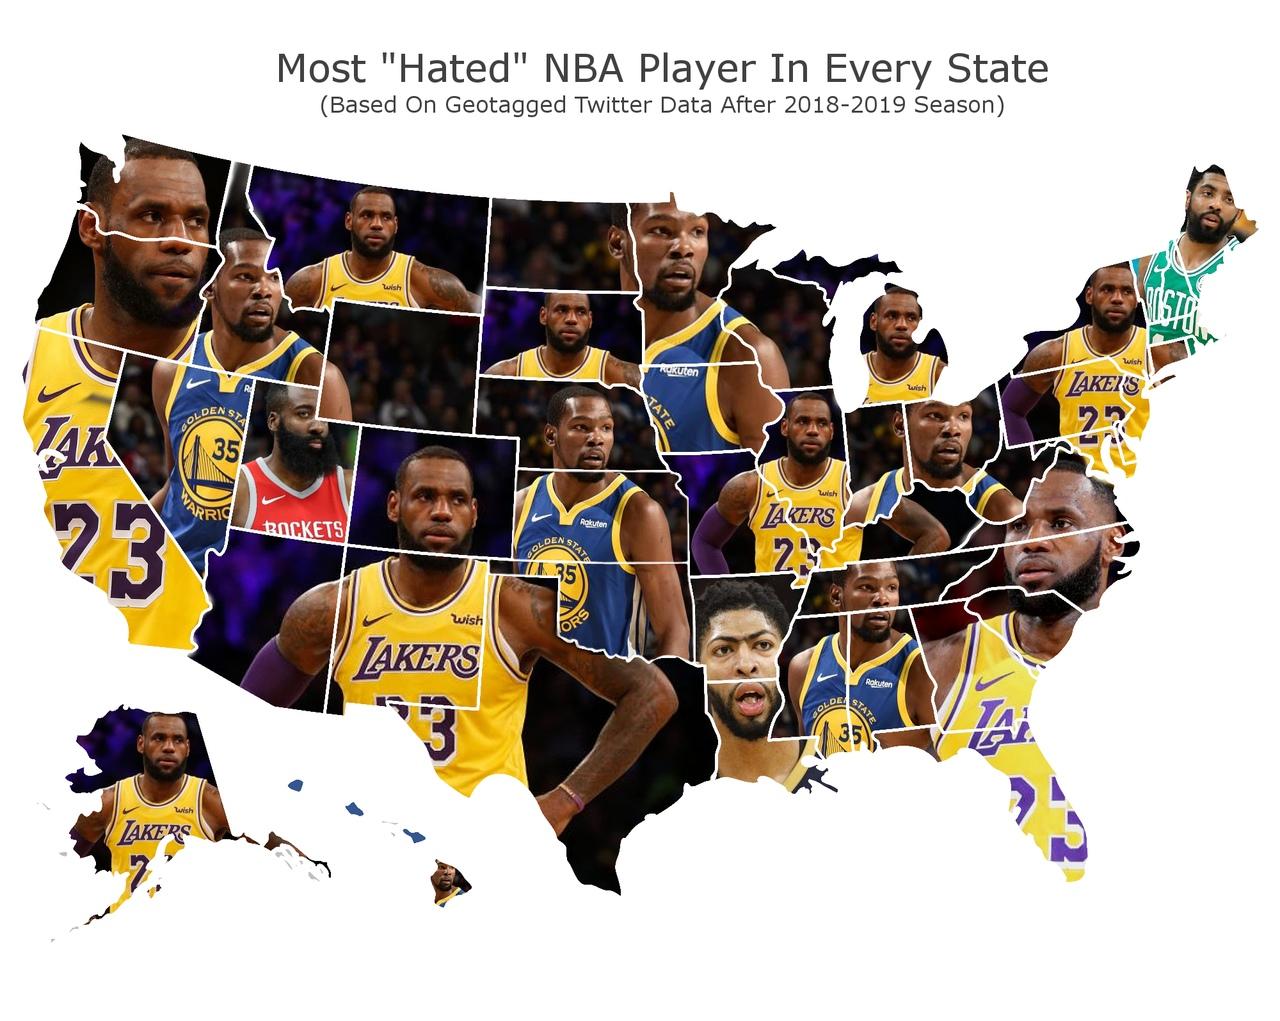 Леброн Джеймс – наиболее ненавидимый баскетболист в большинстве американских штатов